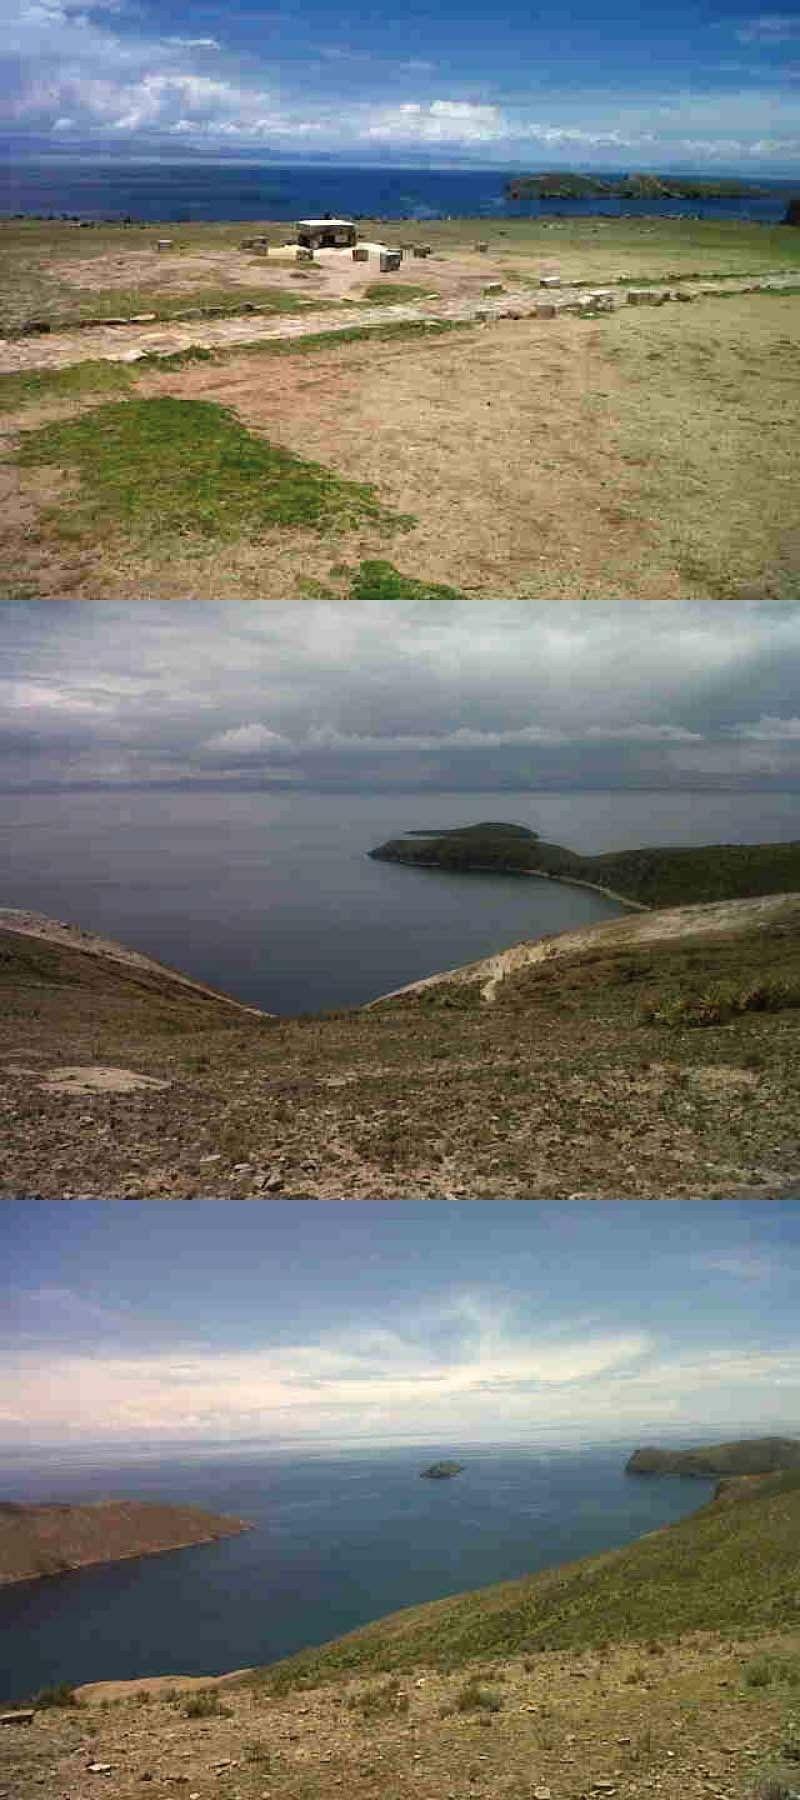 Aquí la belleza de las Islas del Sol y de la Luna en Copacabana, Bolivia.  http://www.placeok.com/la-isla-del-sol-en-copacabana-aventura-y-misticismo/